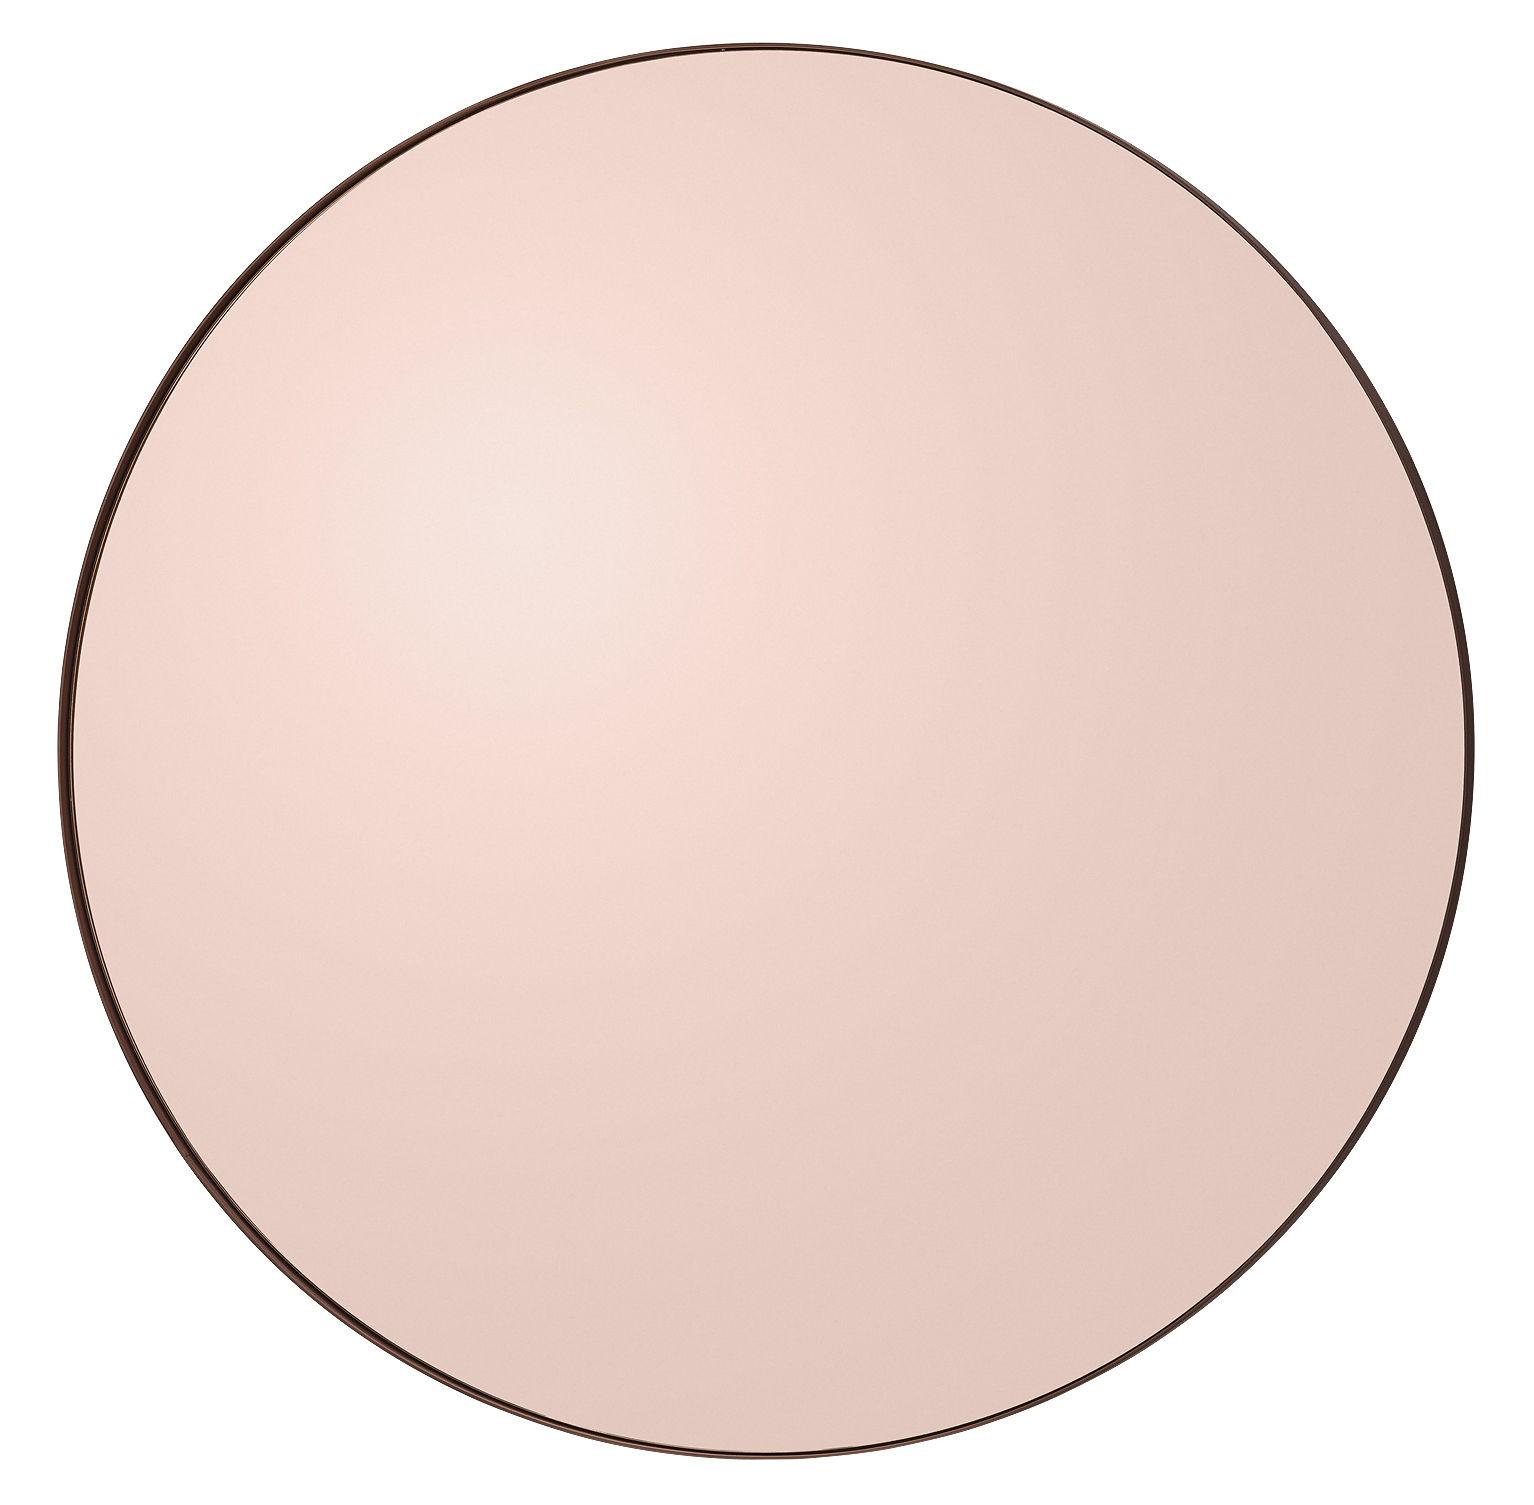 Interni - Specchi - Specchio Circum Large / Ø 110 cm - AYTM - Rosa fumé - MDF tinto, Vetro